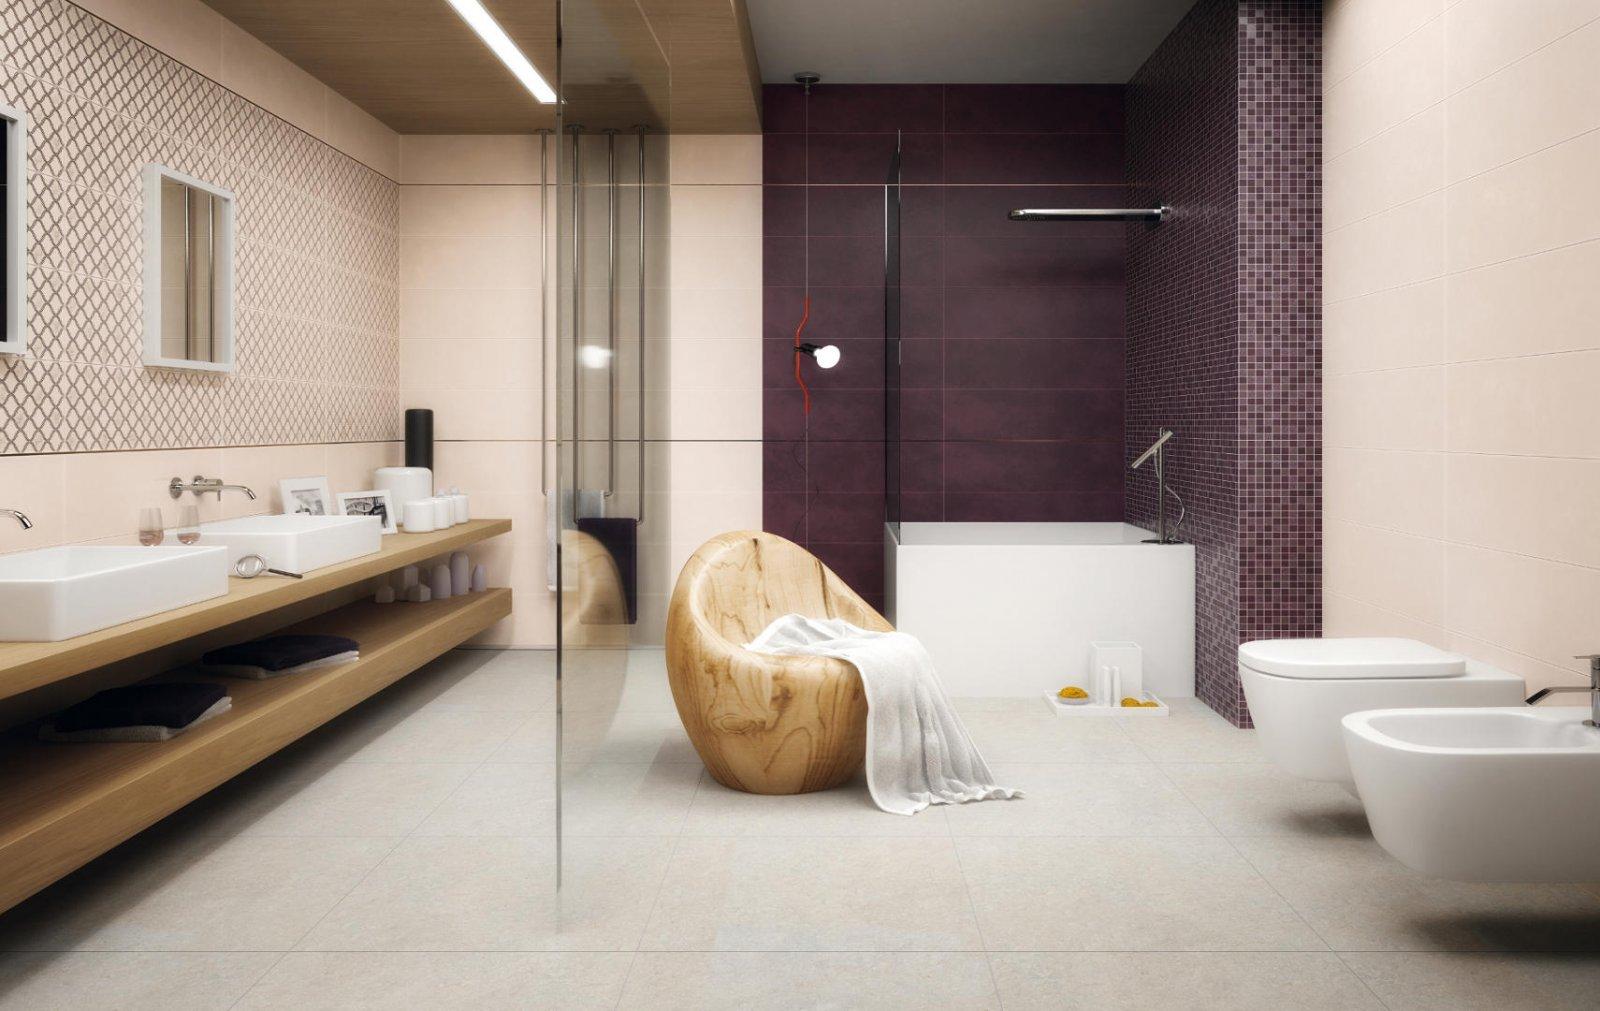 Lavabos Para Cuartos De Baño:Lavabos dobles para el cuarto de baño (7/20)